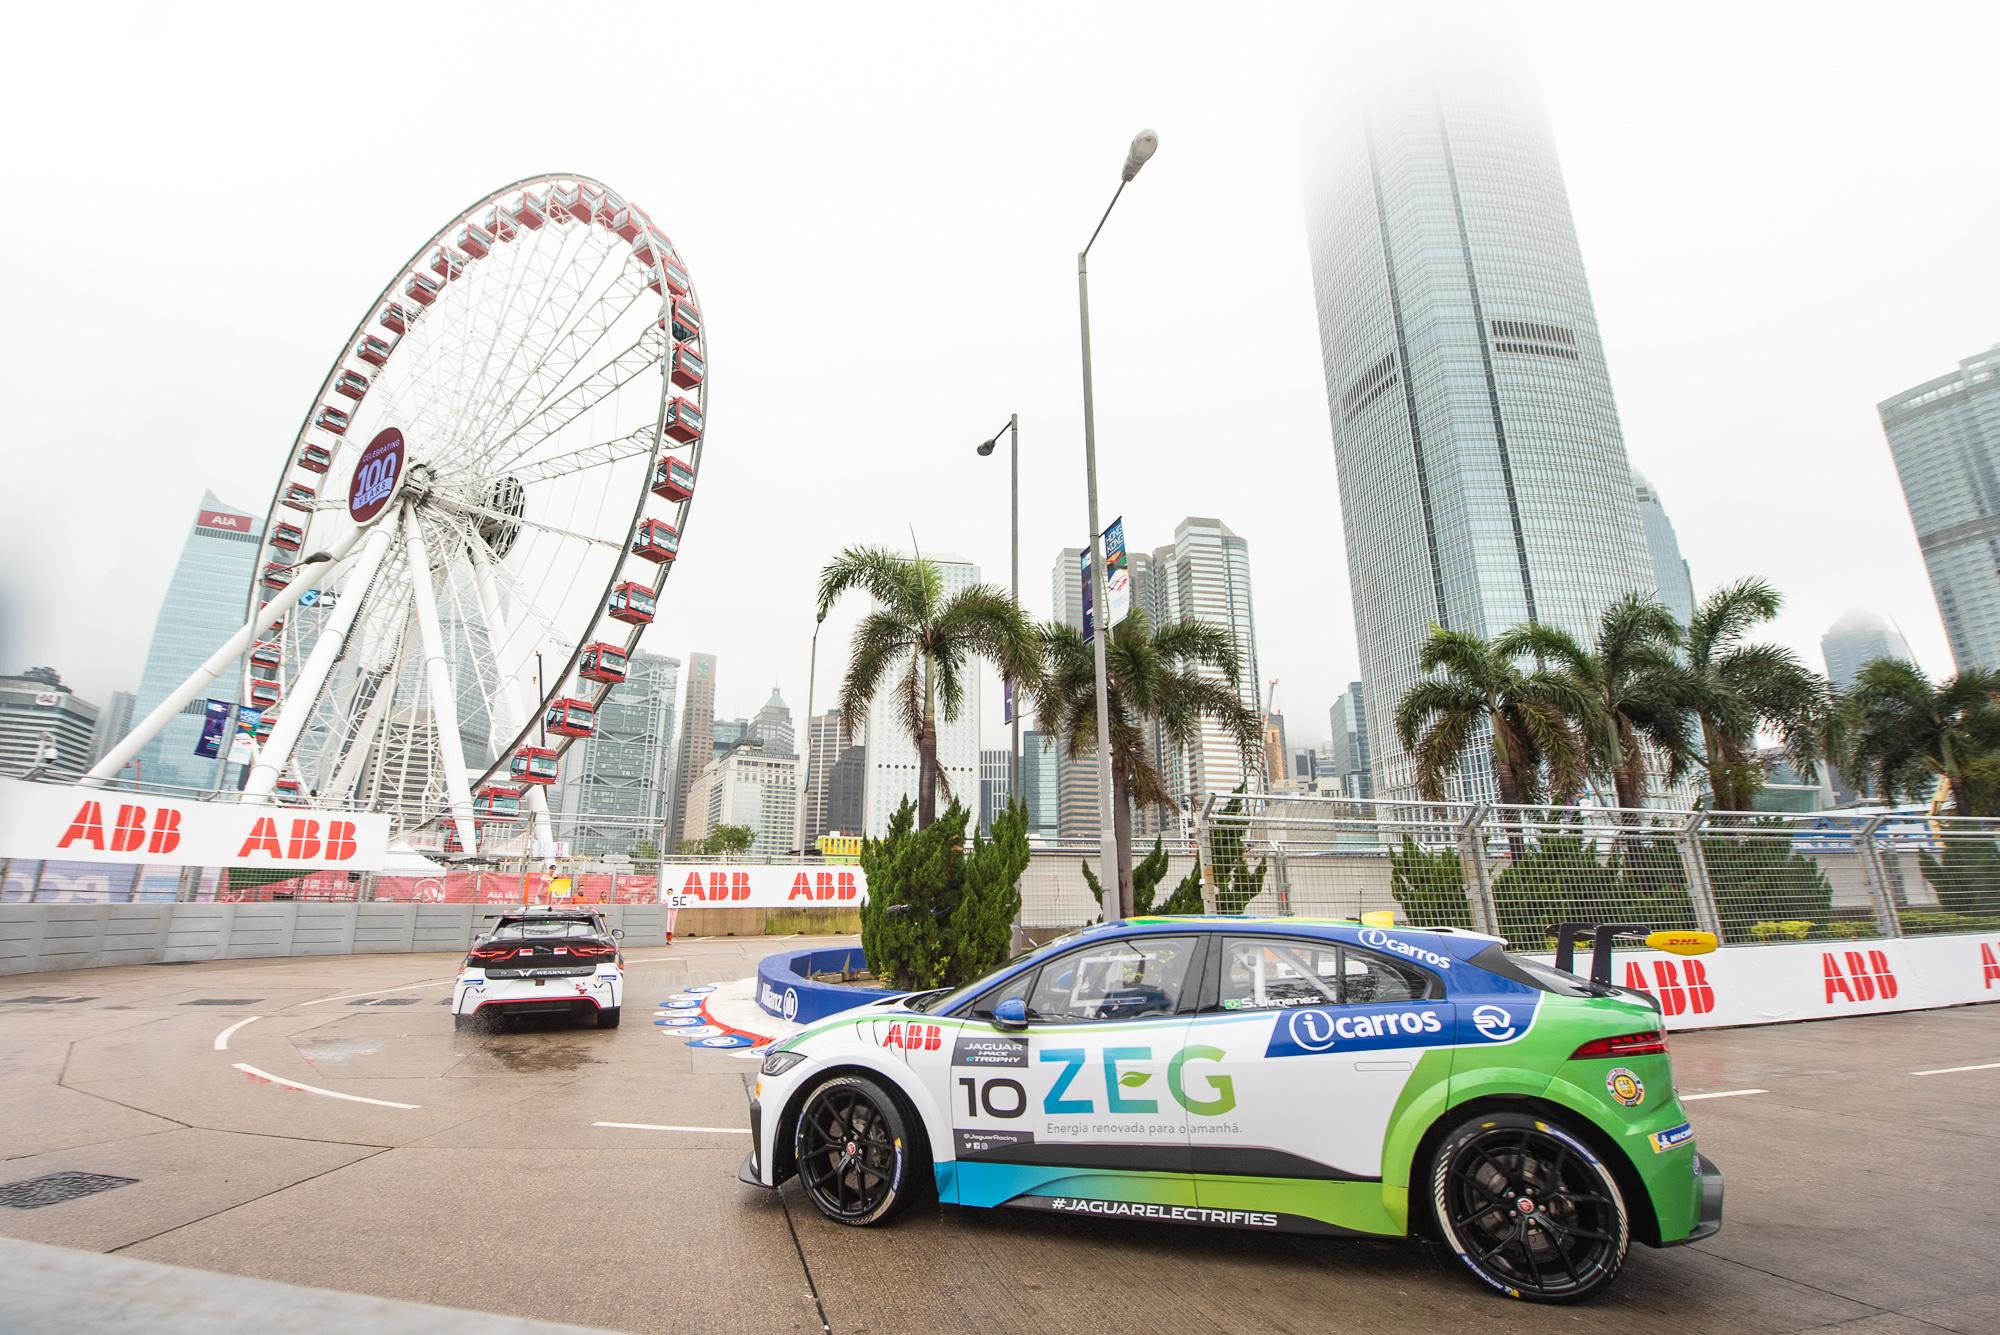 JaguarBR_5.HongKong_josemariodias_02001.